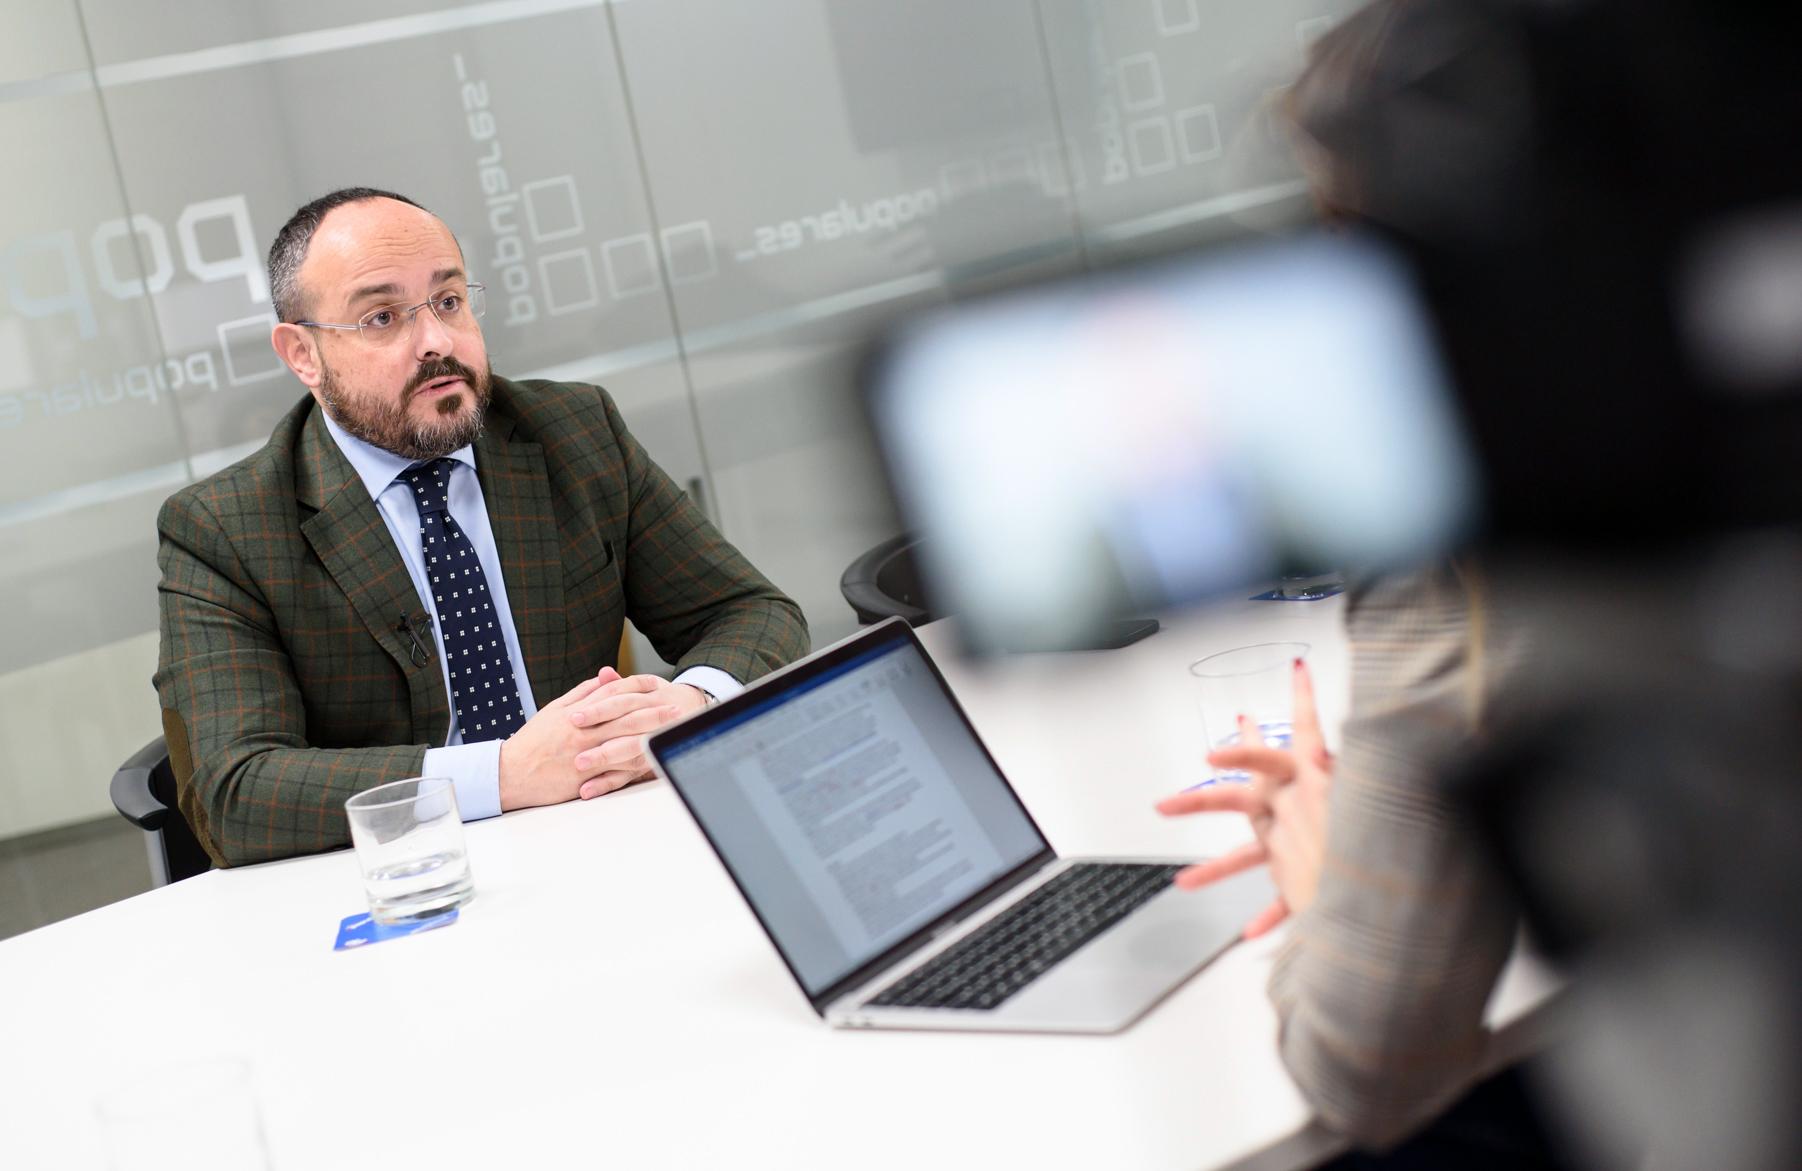 entrevista-alejandro-fernandez-ld-10-dsc